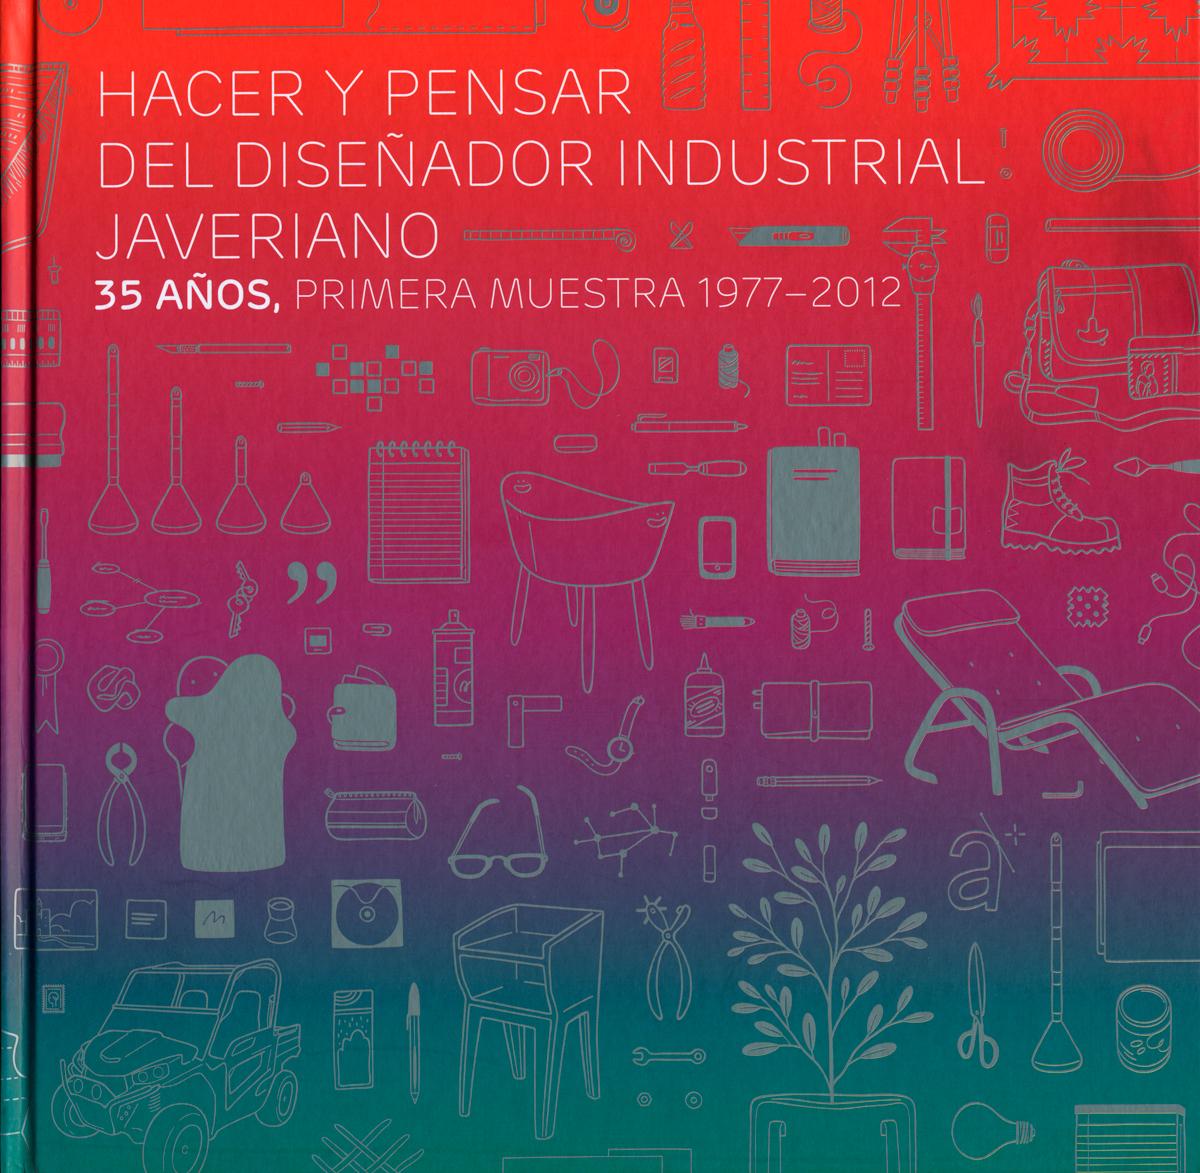 Cubierta Libro Hacer y Pensar del Disenador Industrial Javeriano